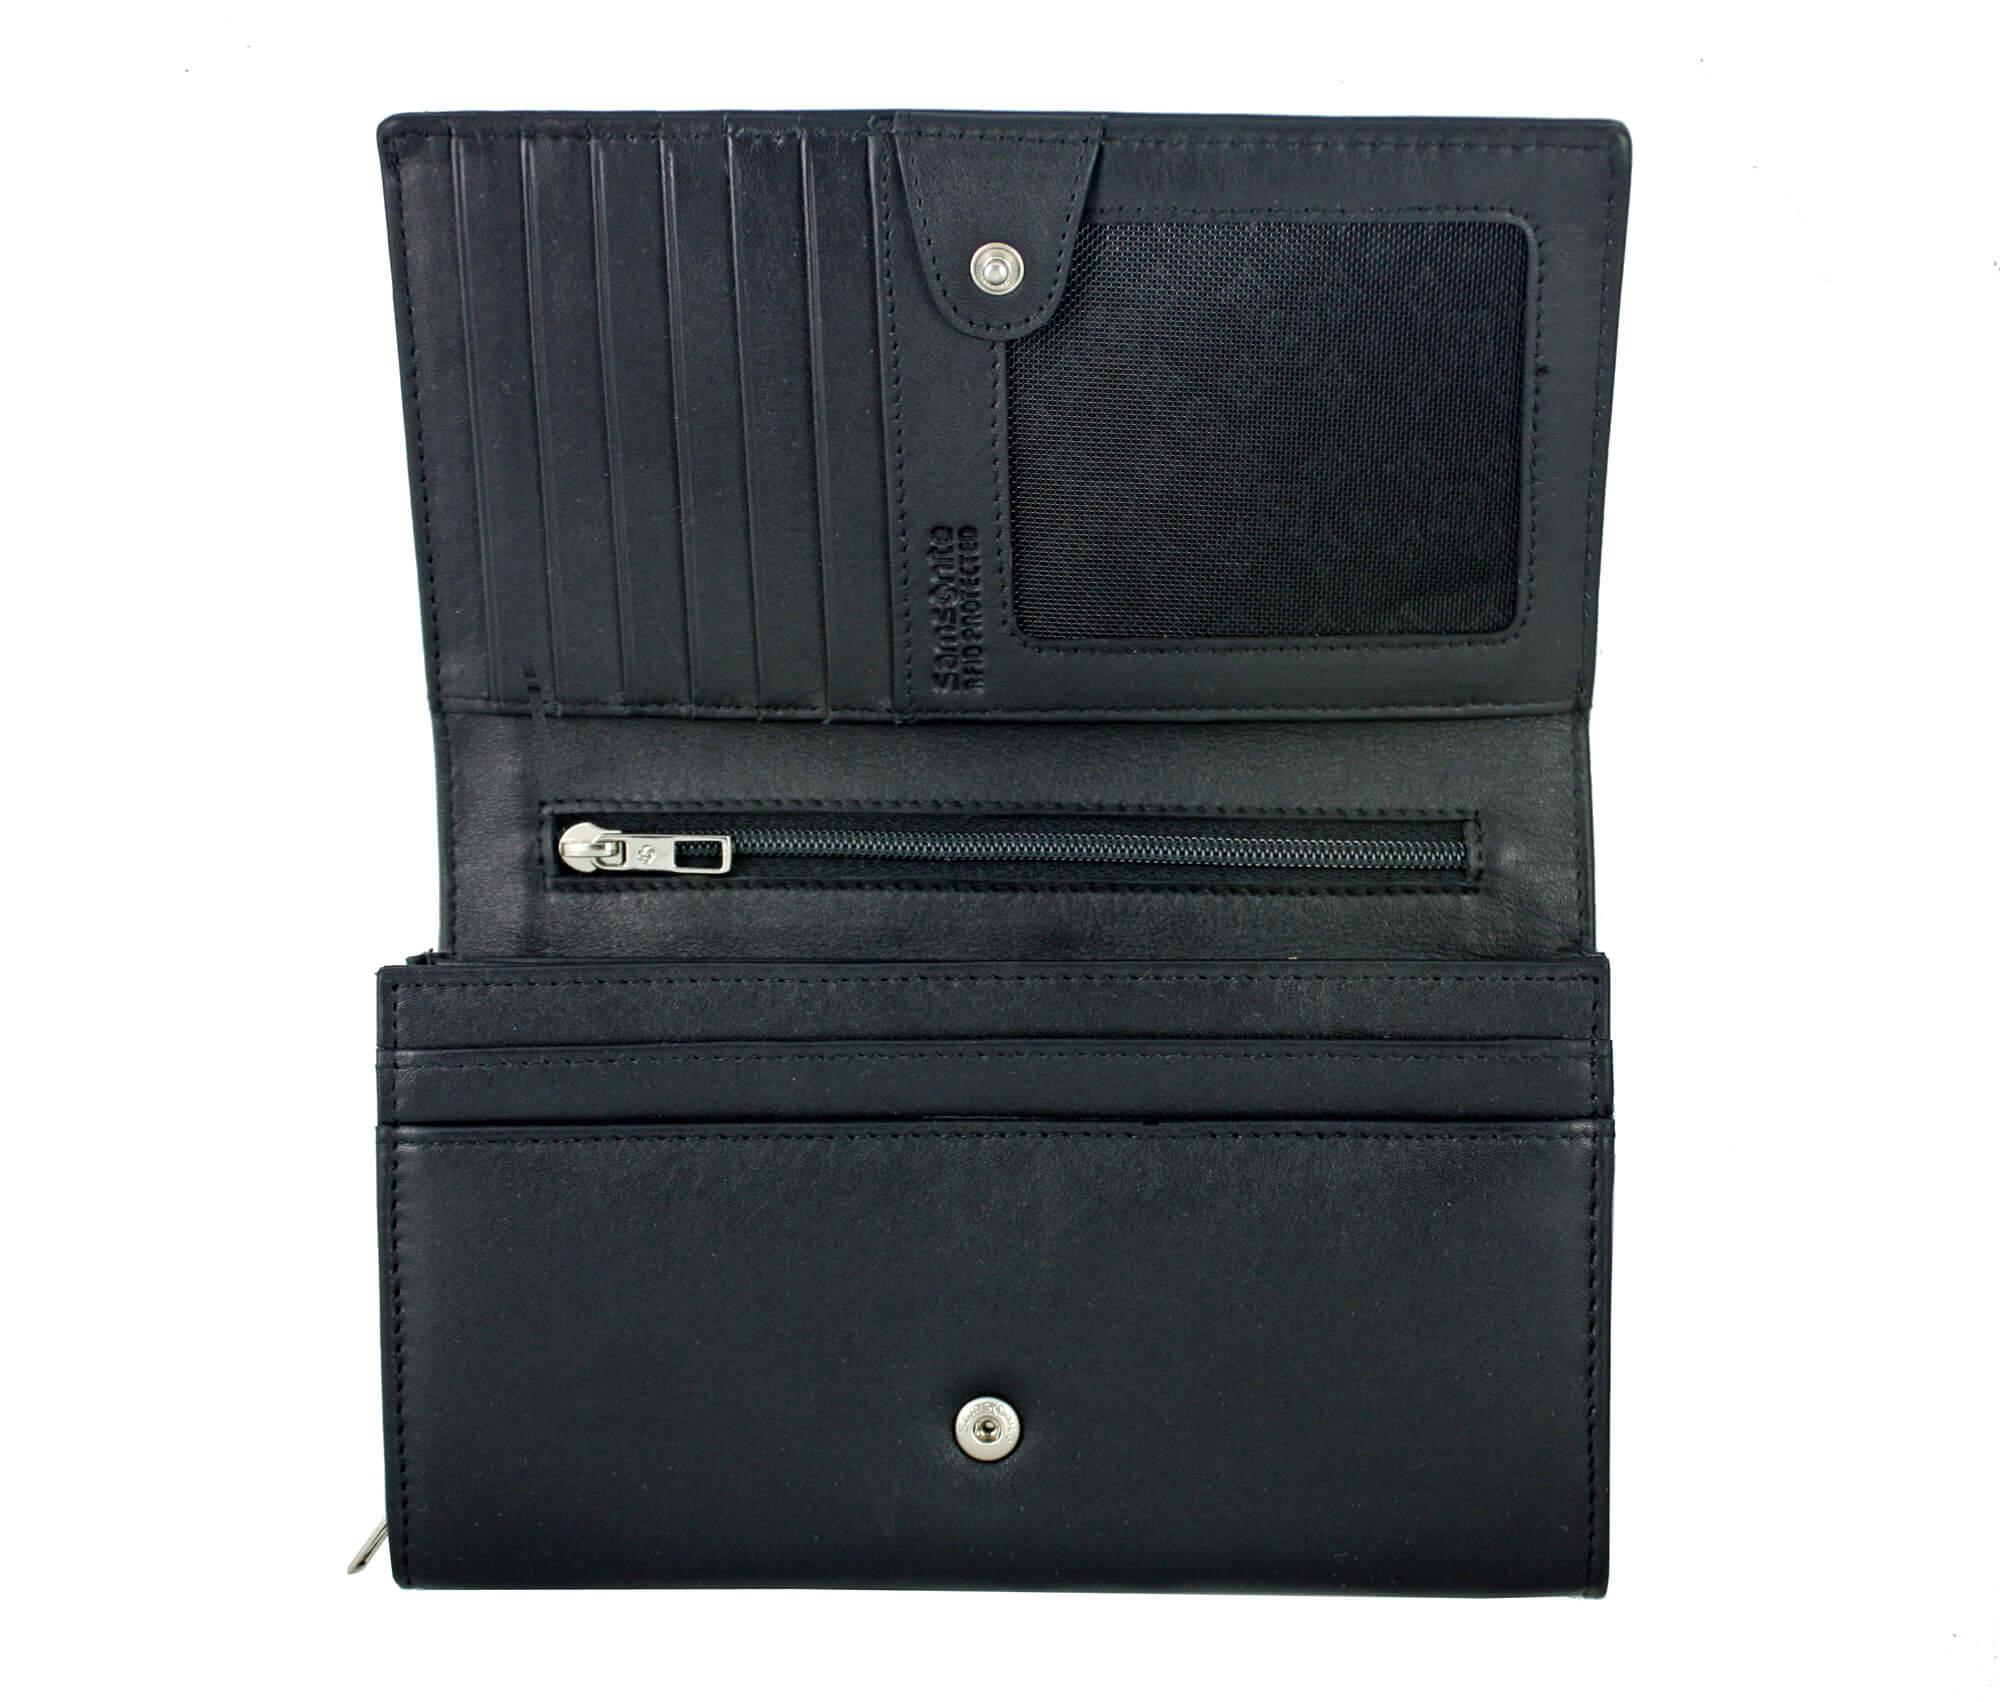 acd66e23f3c1e Skórzany, czarny portfel damski Samsonite RFID